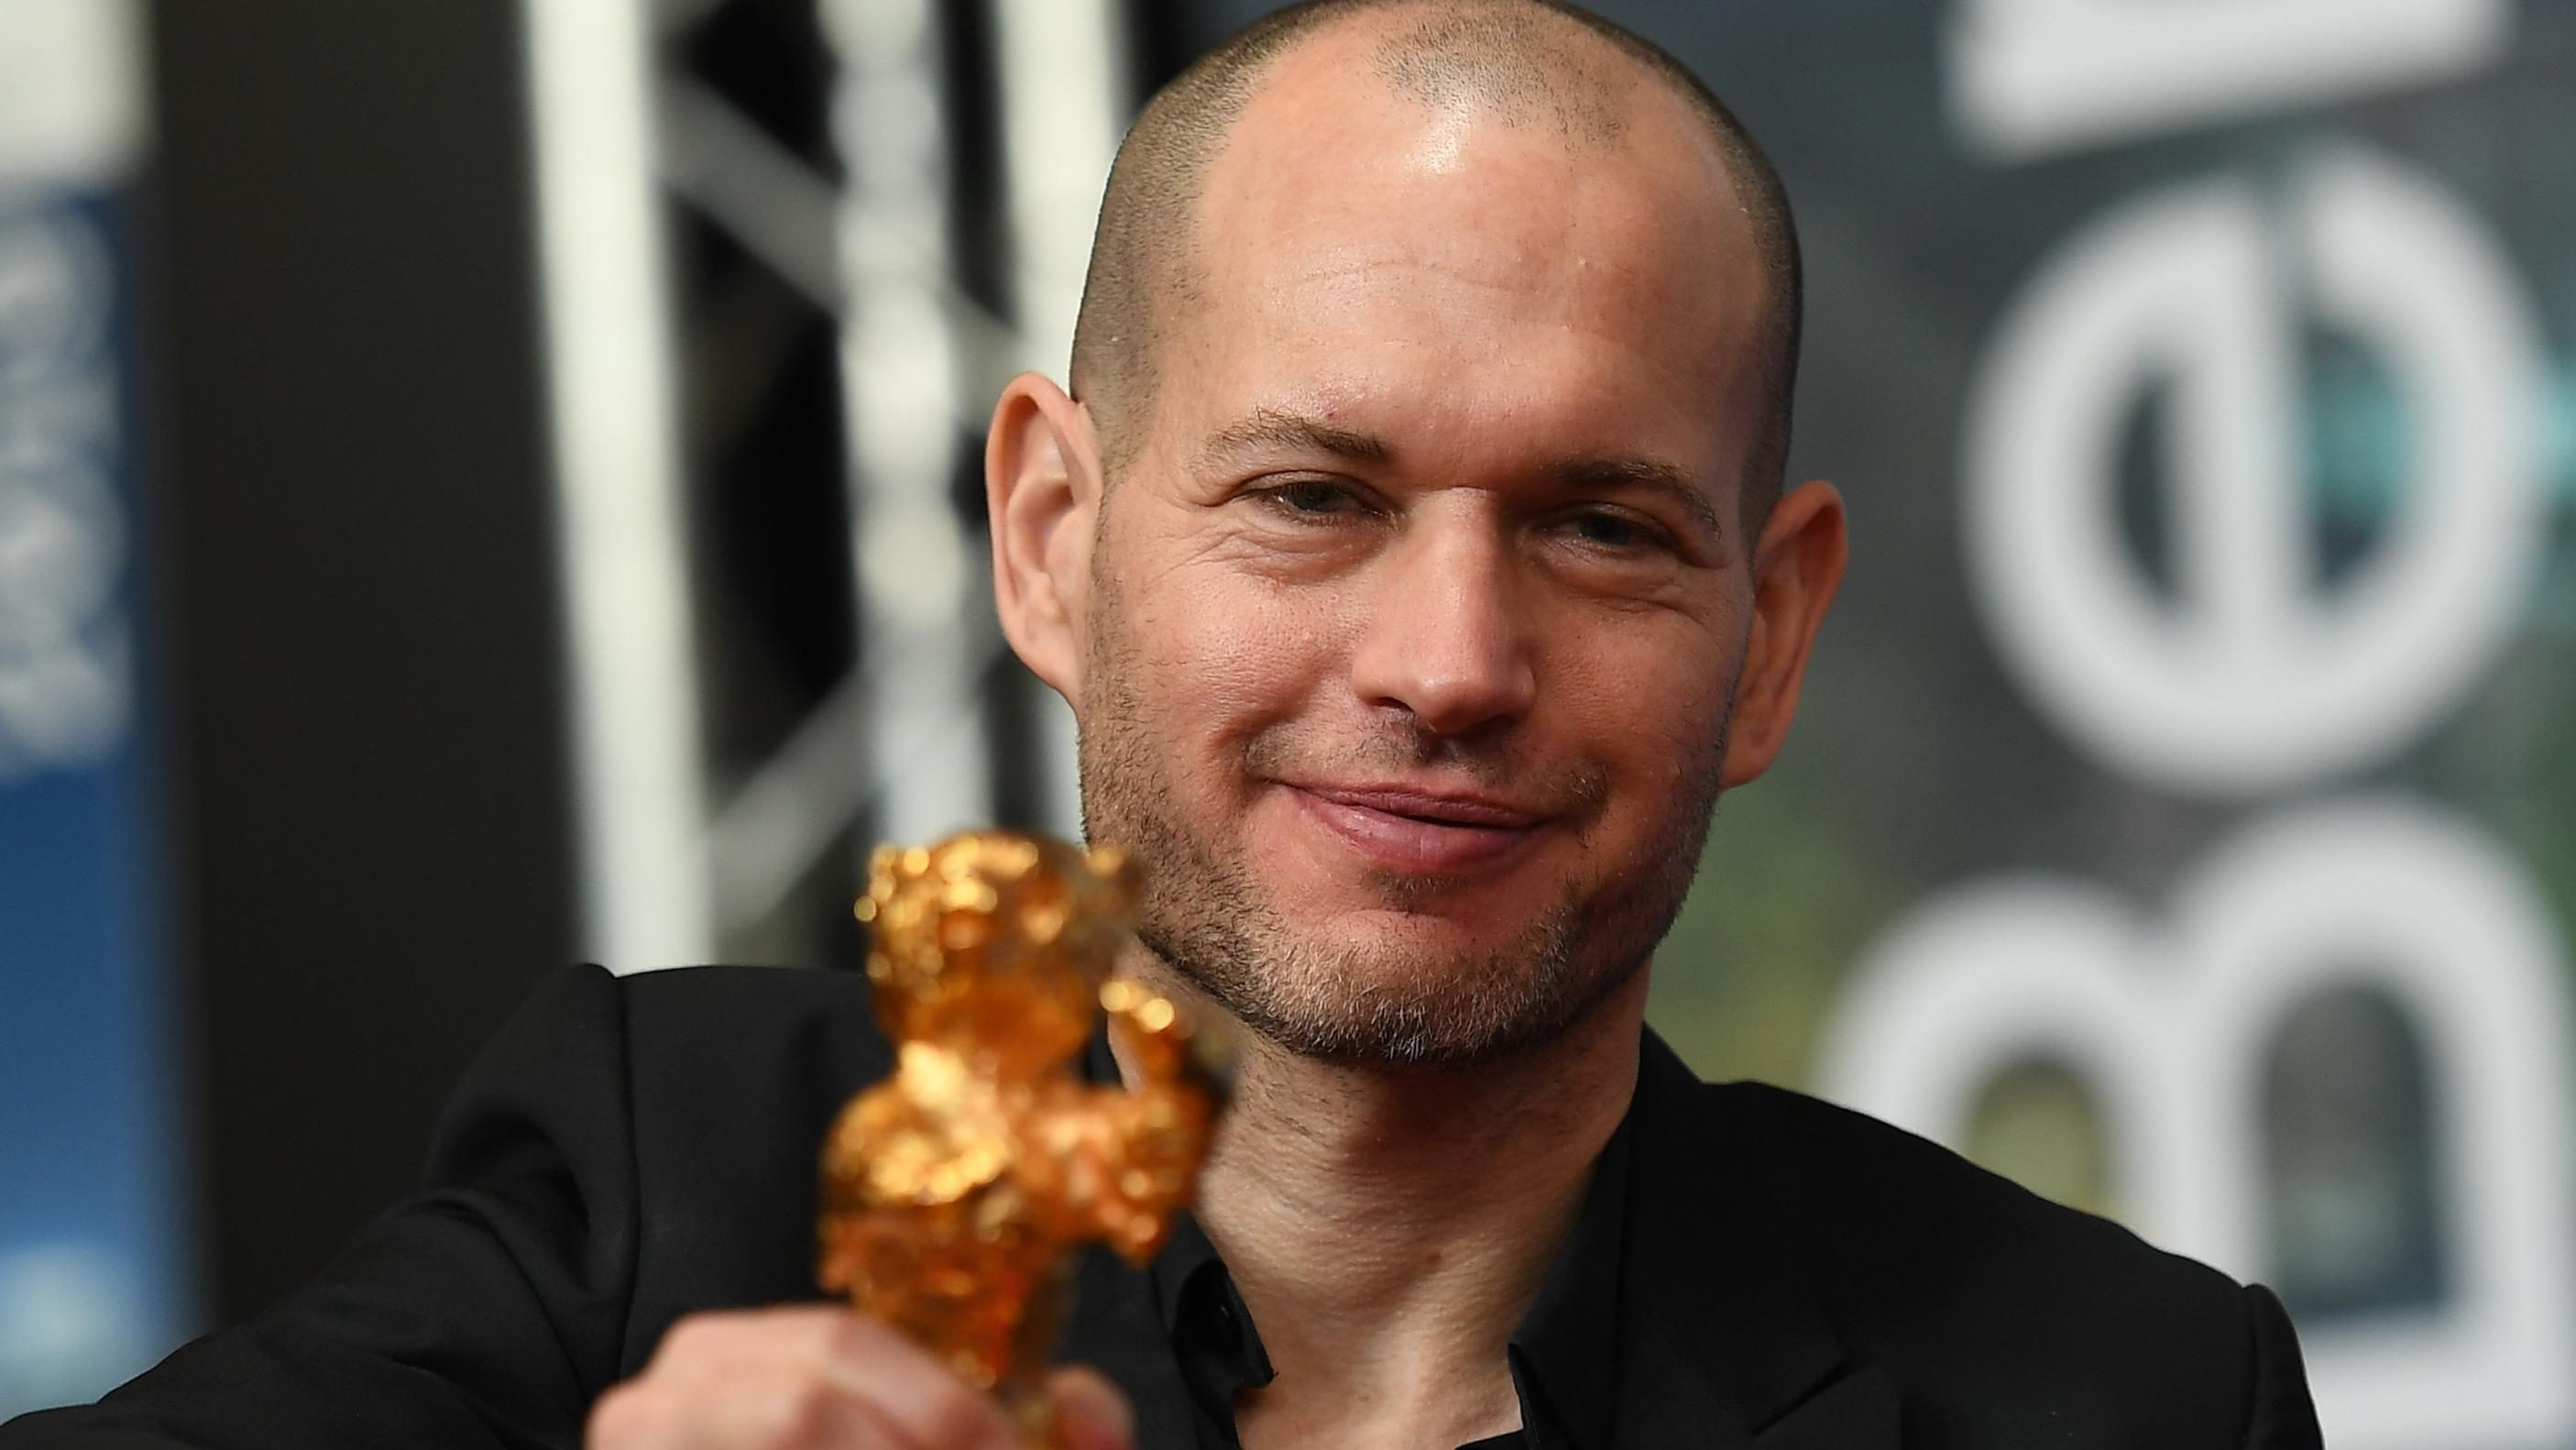 Gewinner des Goldenen Bären: Nadav Lapid hält den Bären in die Kamera.